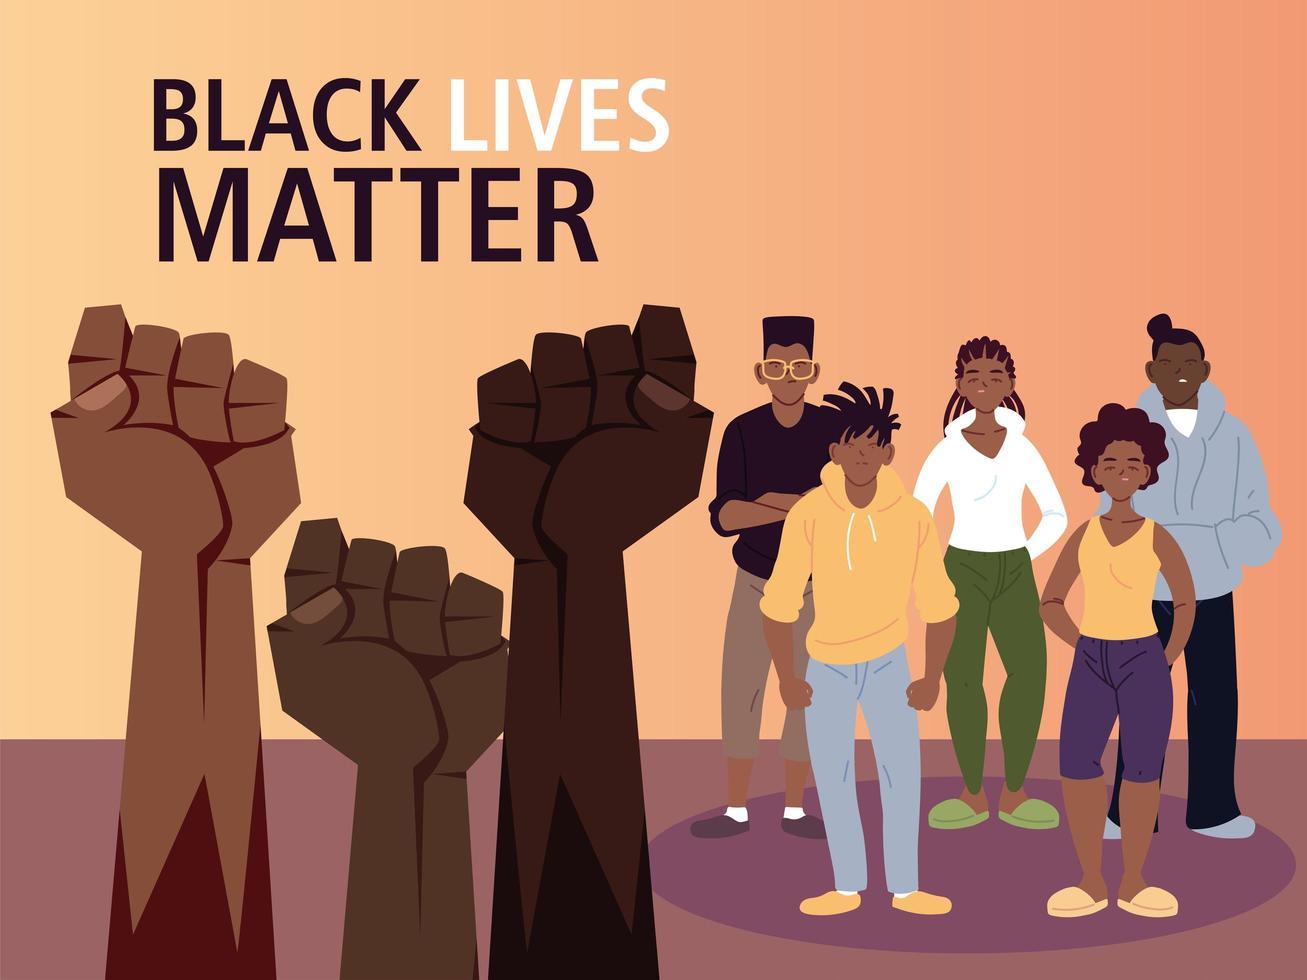 schwarze Leben sind wichtig mit Fäusten vektor